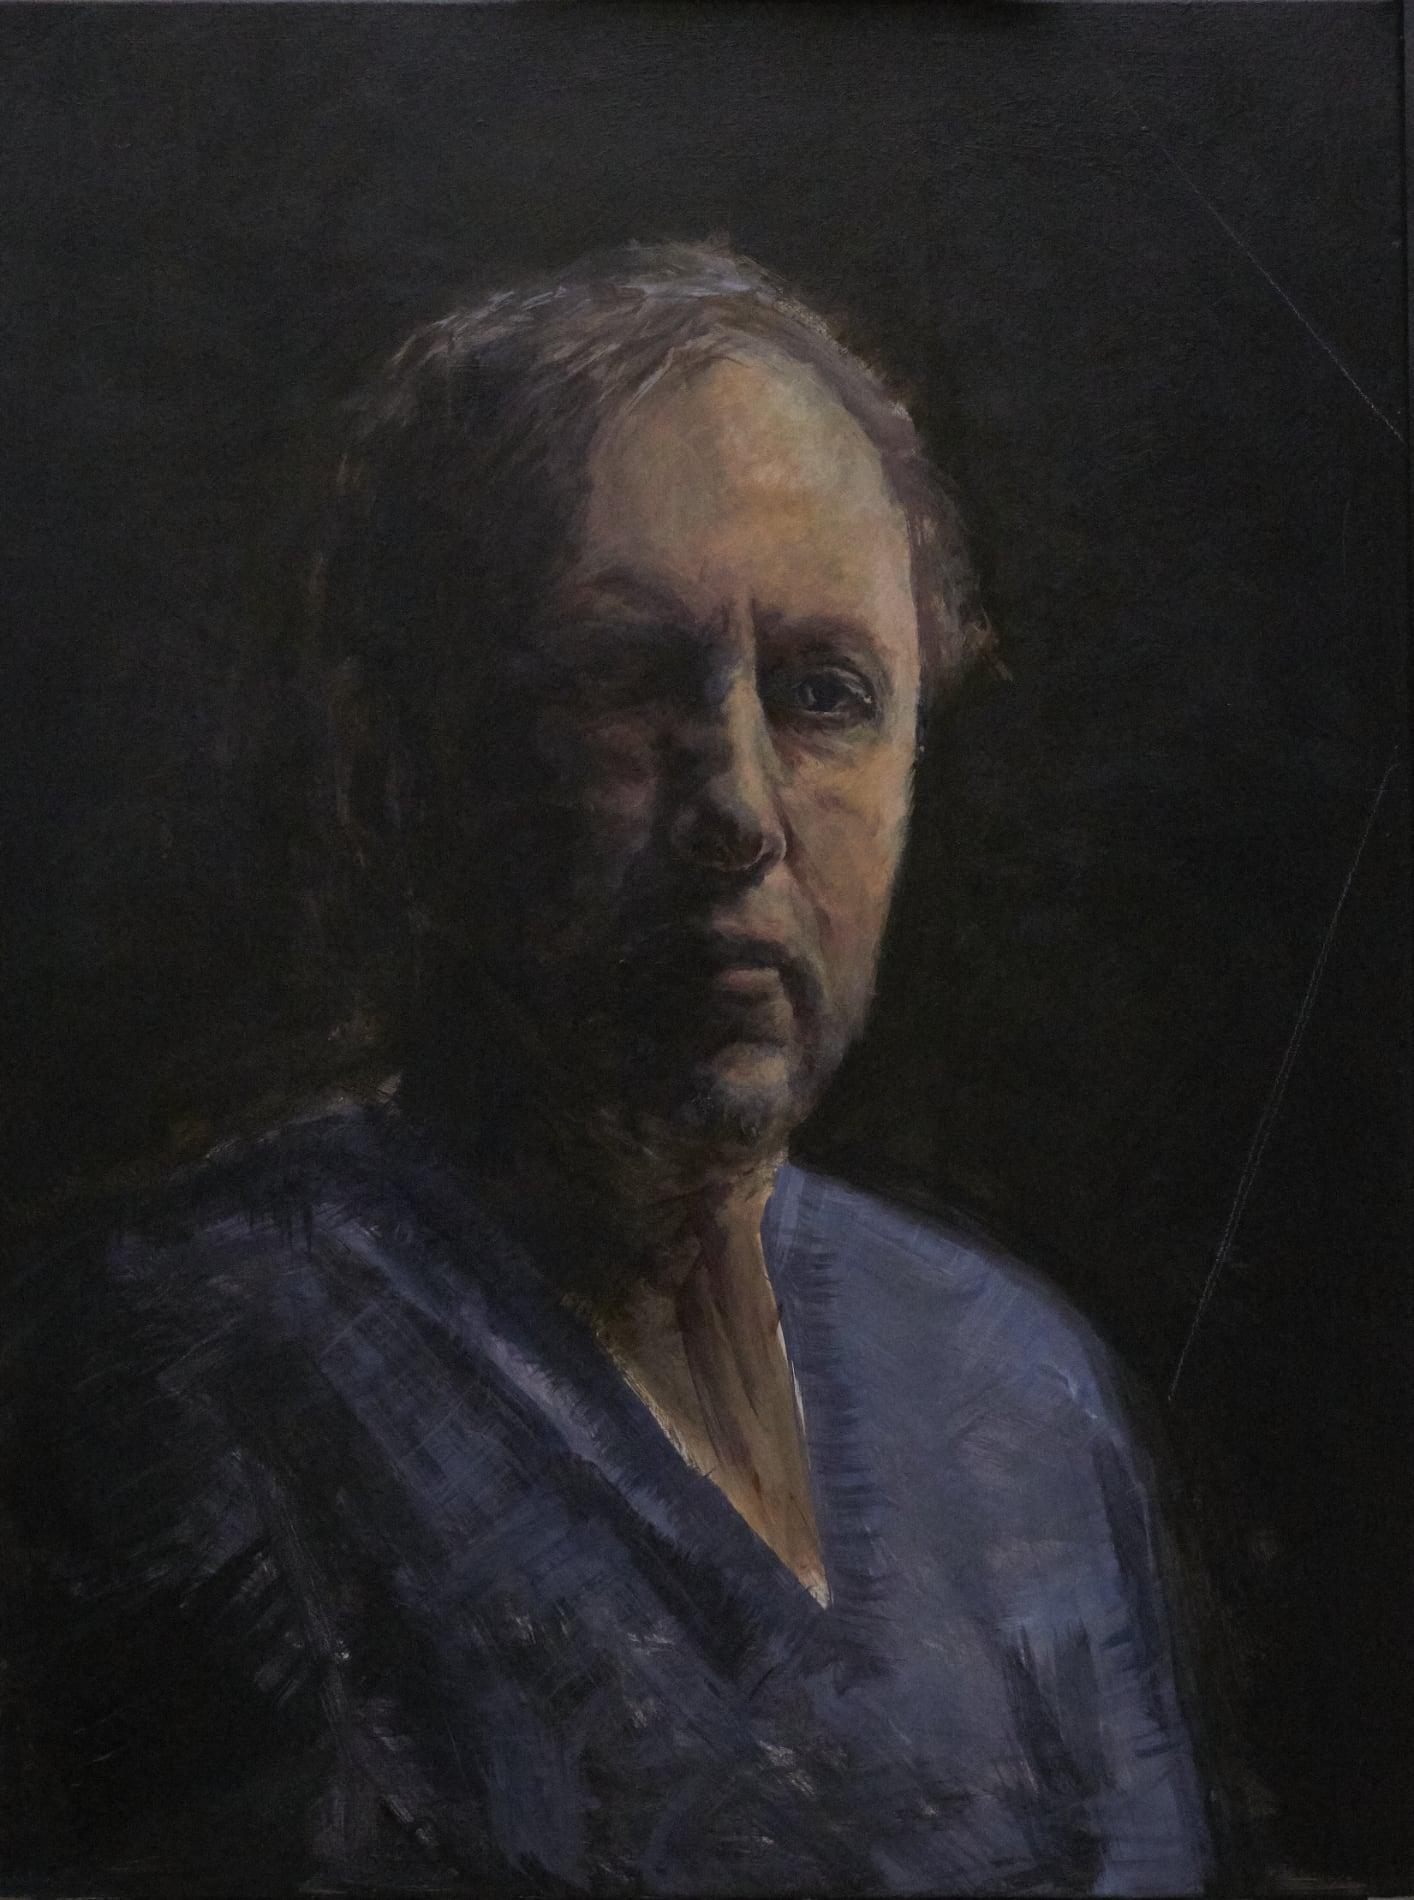 Jeroen Self Portrait - Process-13. ©Jeroen Carelse